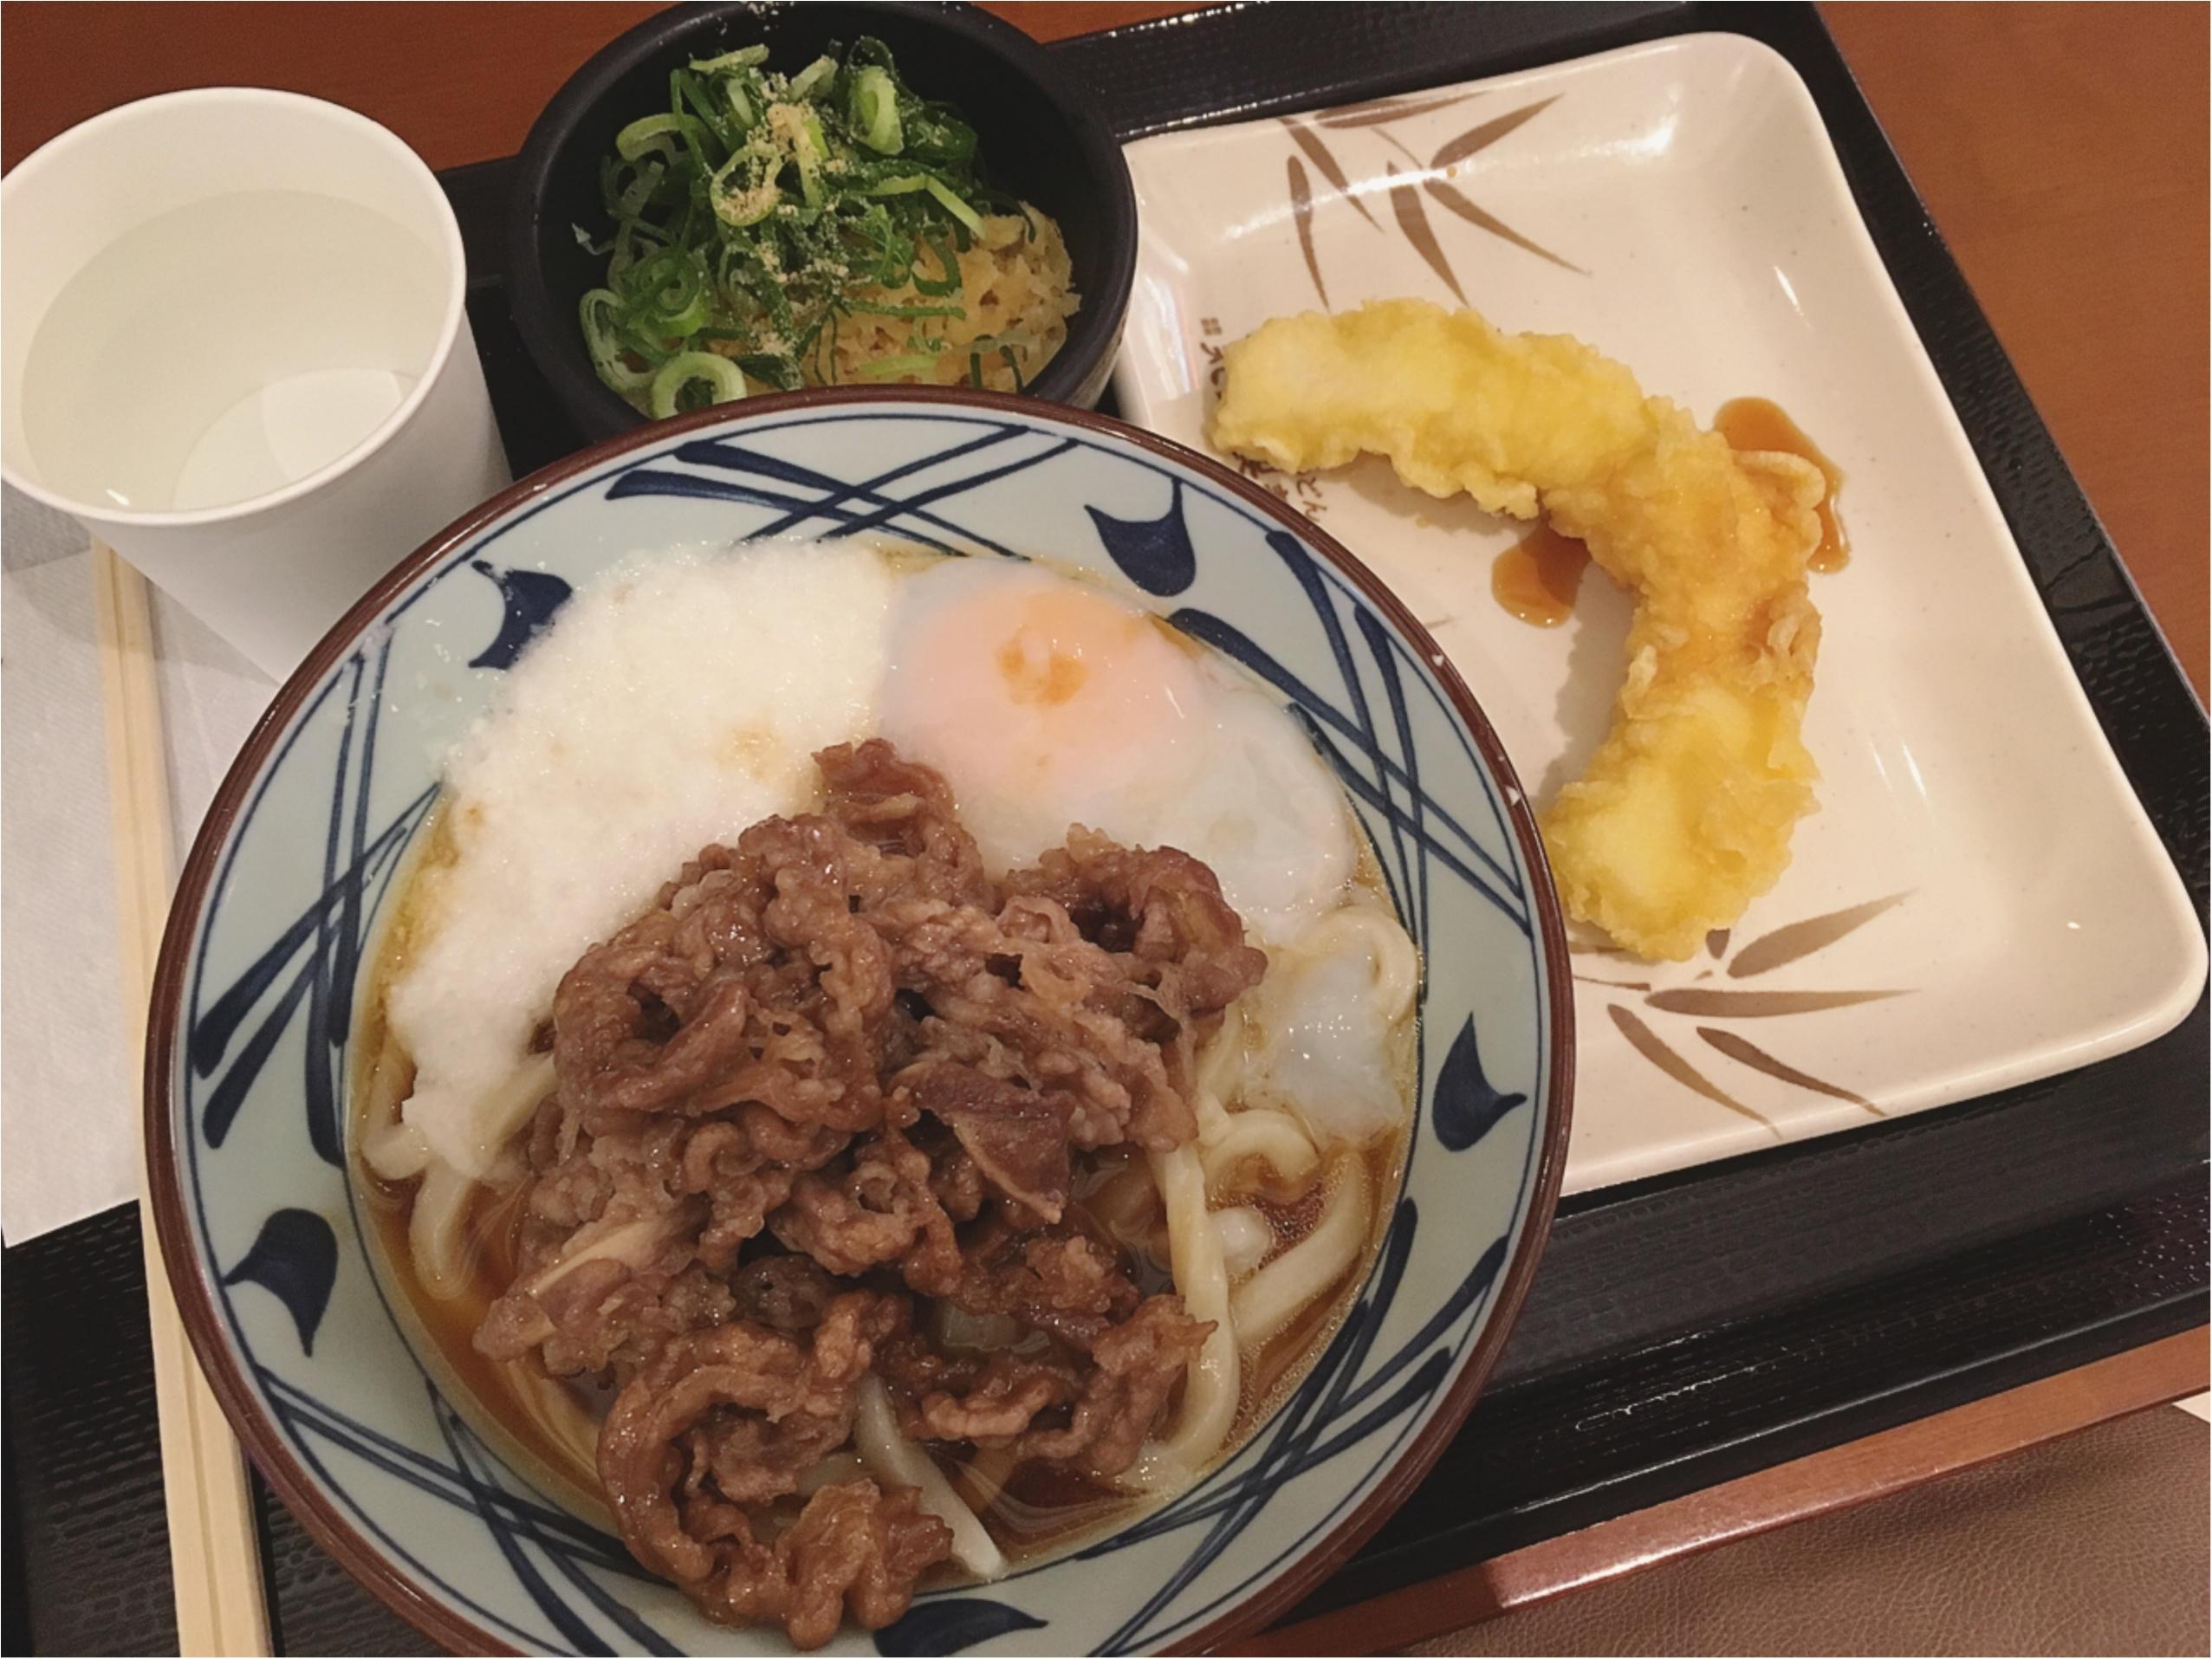 【6/8まで!】丸亀製麺牛とろ玉うどんが半額になる条件とは?_1